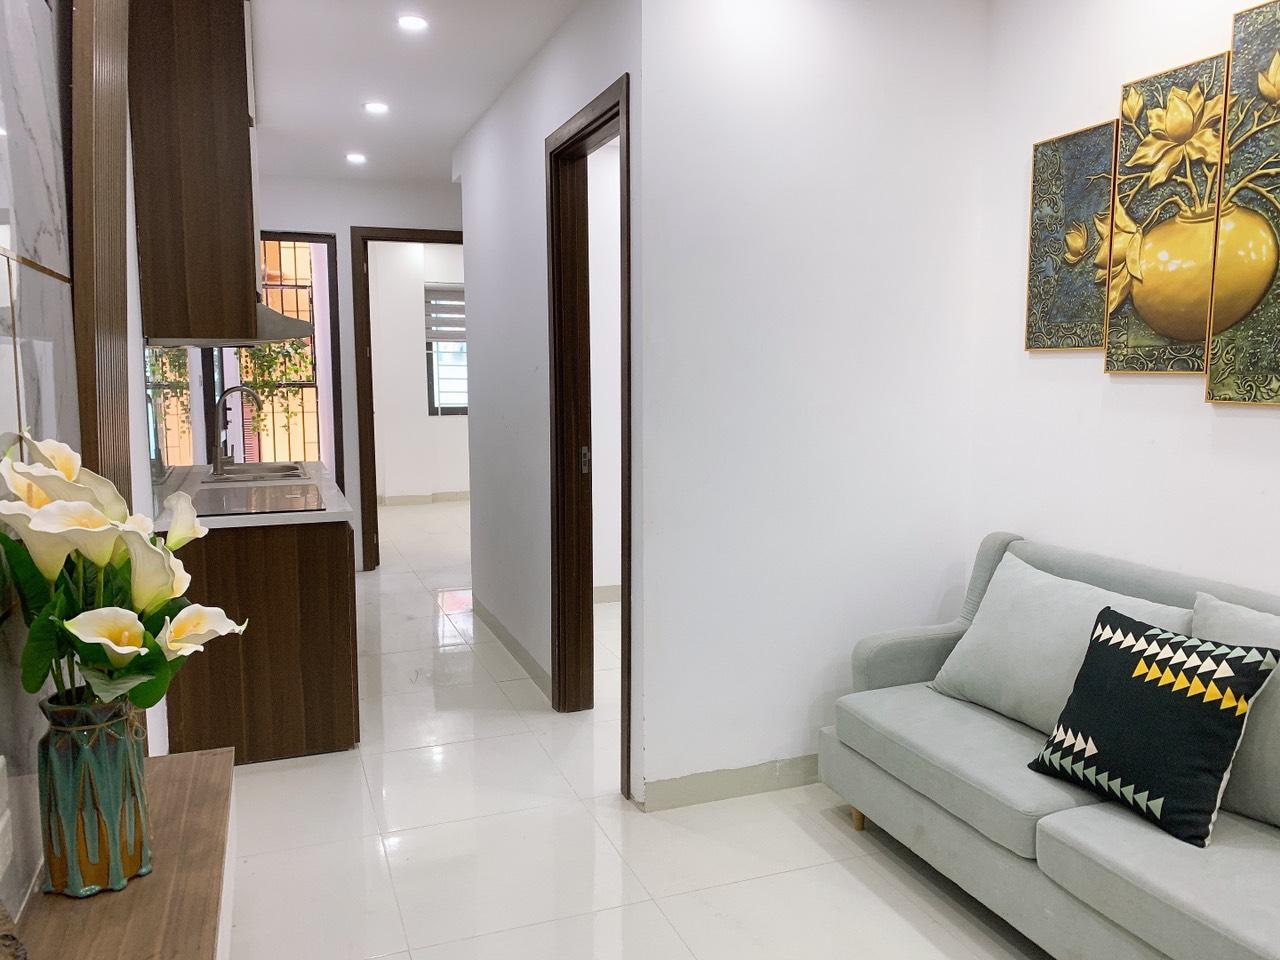 Chính chủ bán chung cư Nguyễn văn cừ 650 triệu/căn